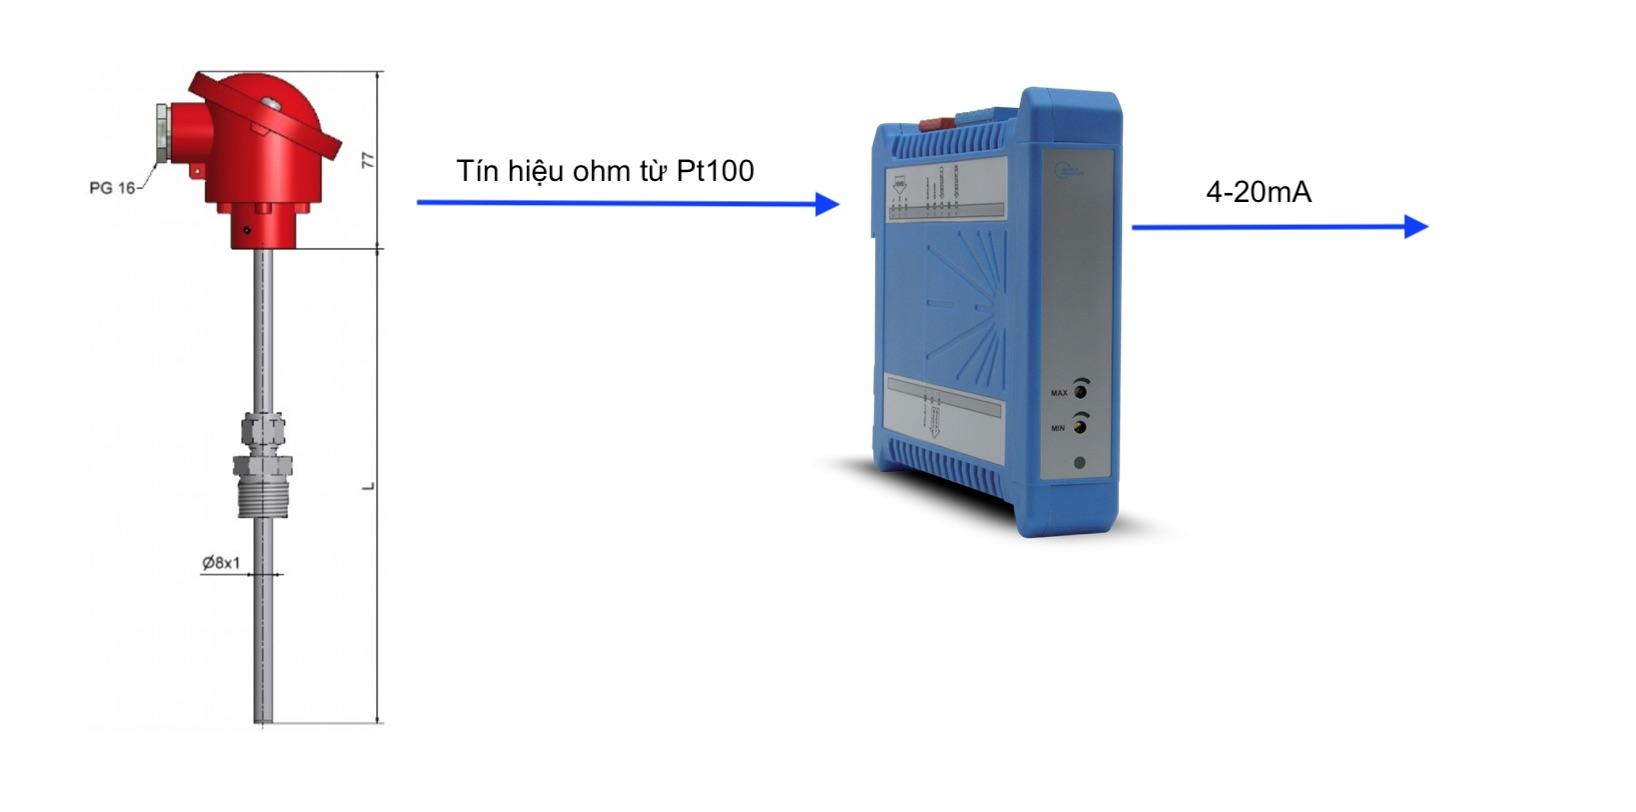 Bộ Chuyển Đổi Tín Hiệu Pt100 - OMX39RTD